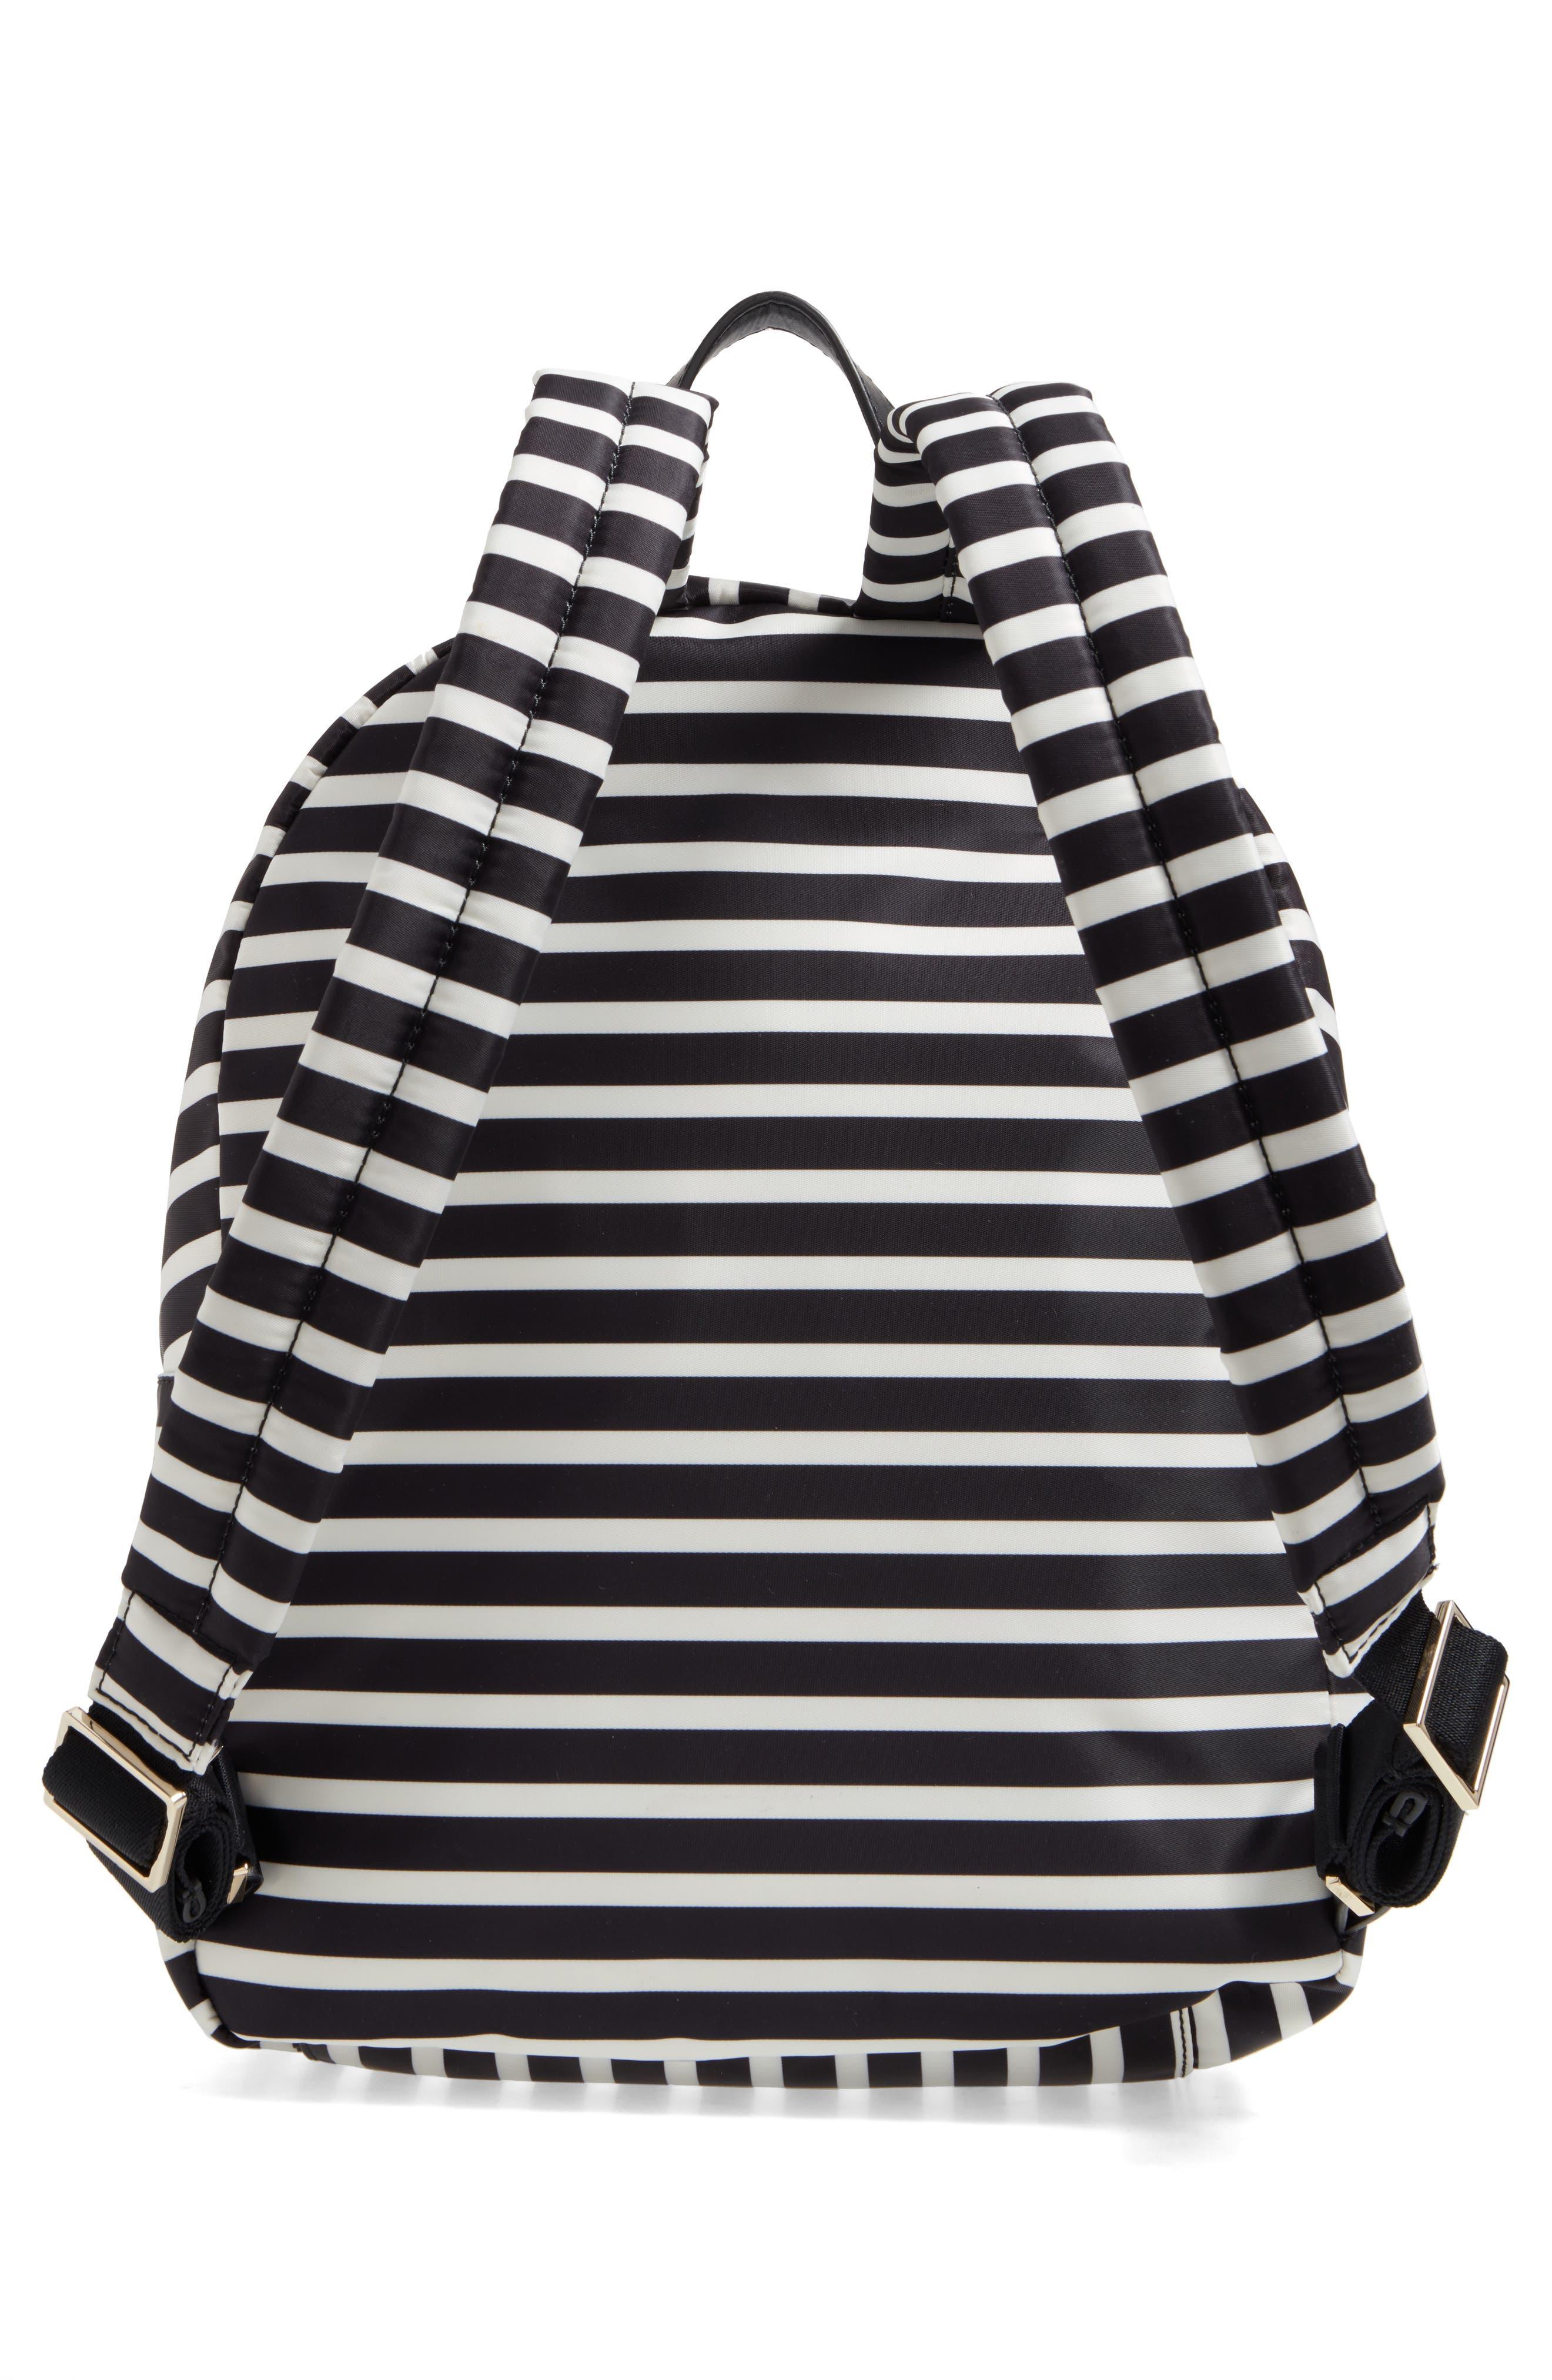 watson lane - hartley nylon backpack,                             Alternate thumbnail 3, color,                             BLACK/ CLOTTED CREAM